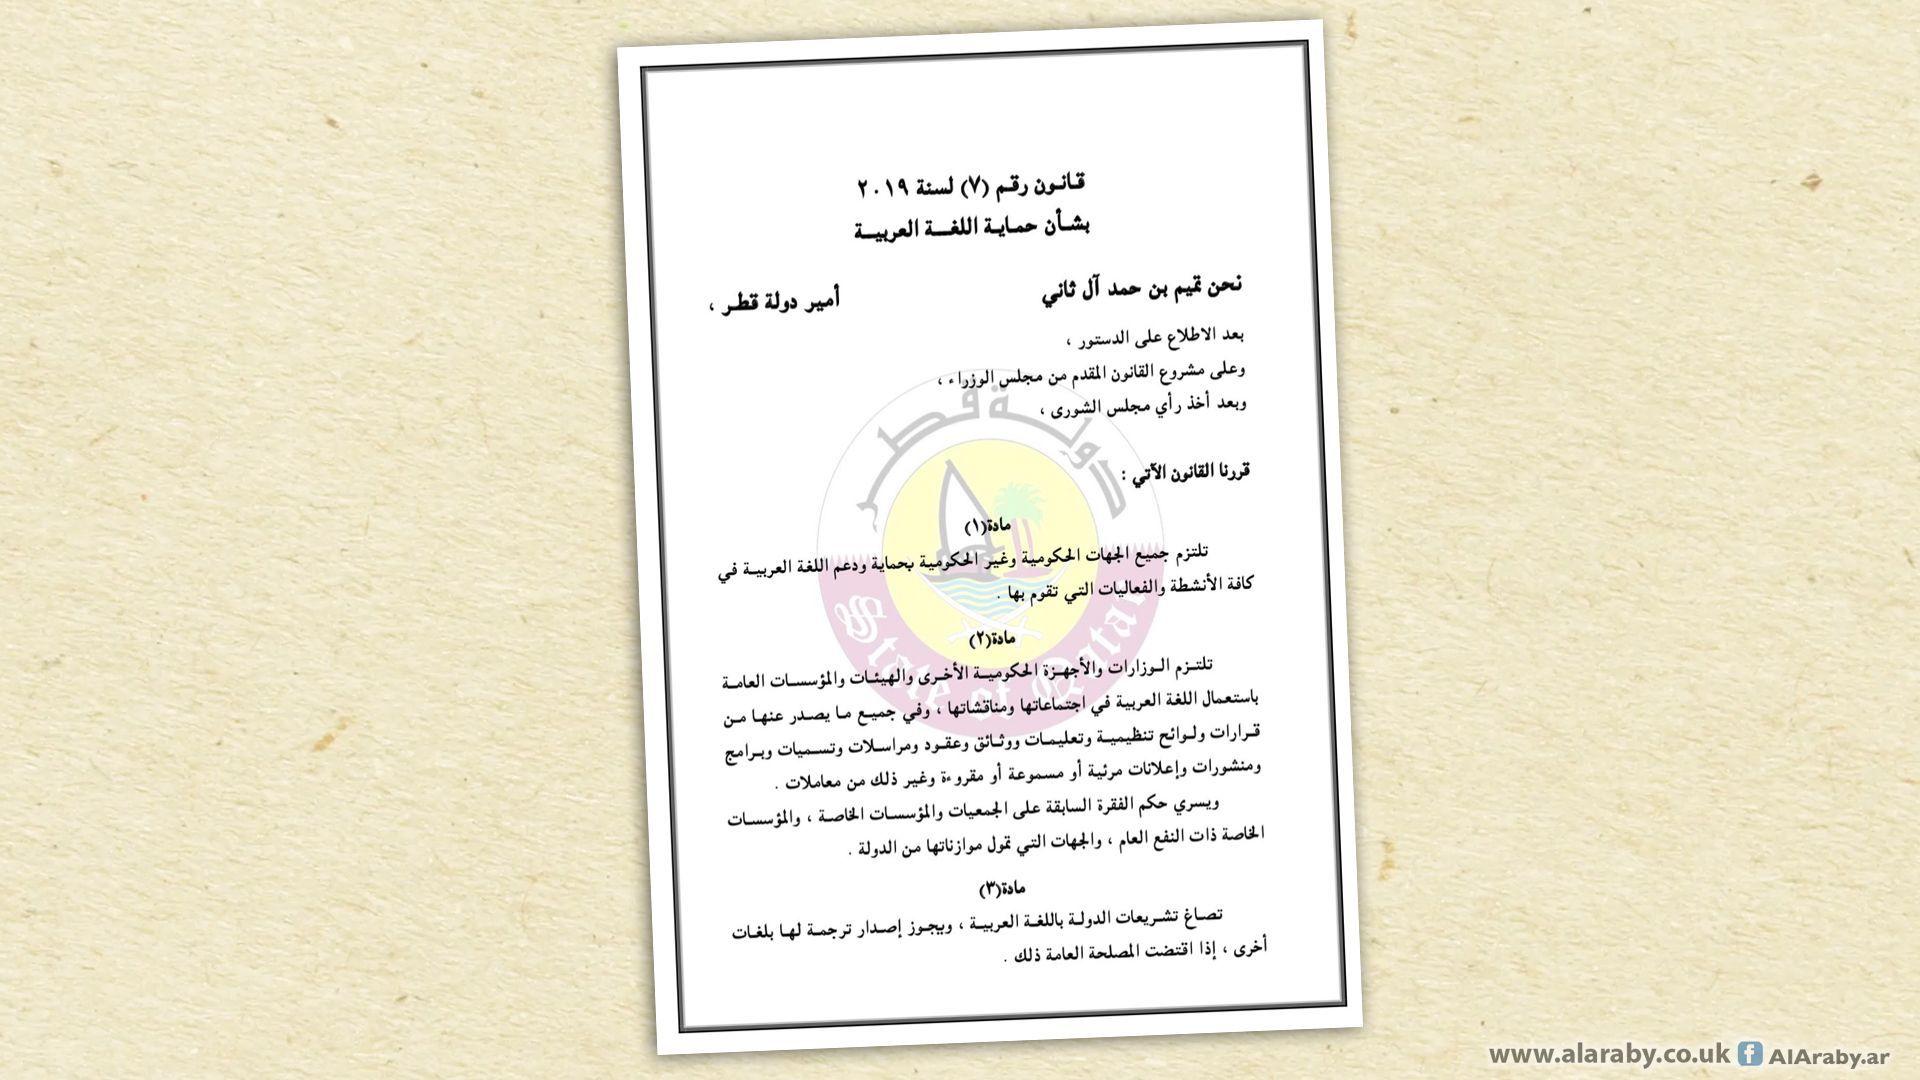 في حاجة اللغة العربية إلى قوانين تحميها Books Book Cover Cover